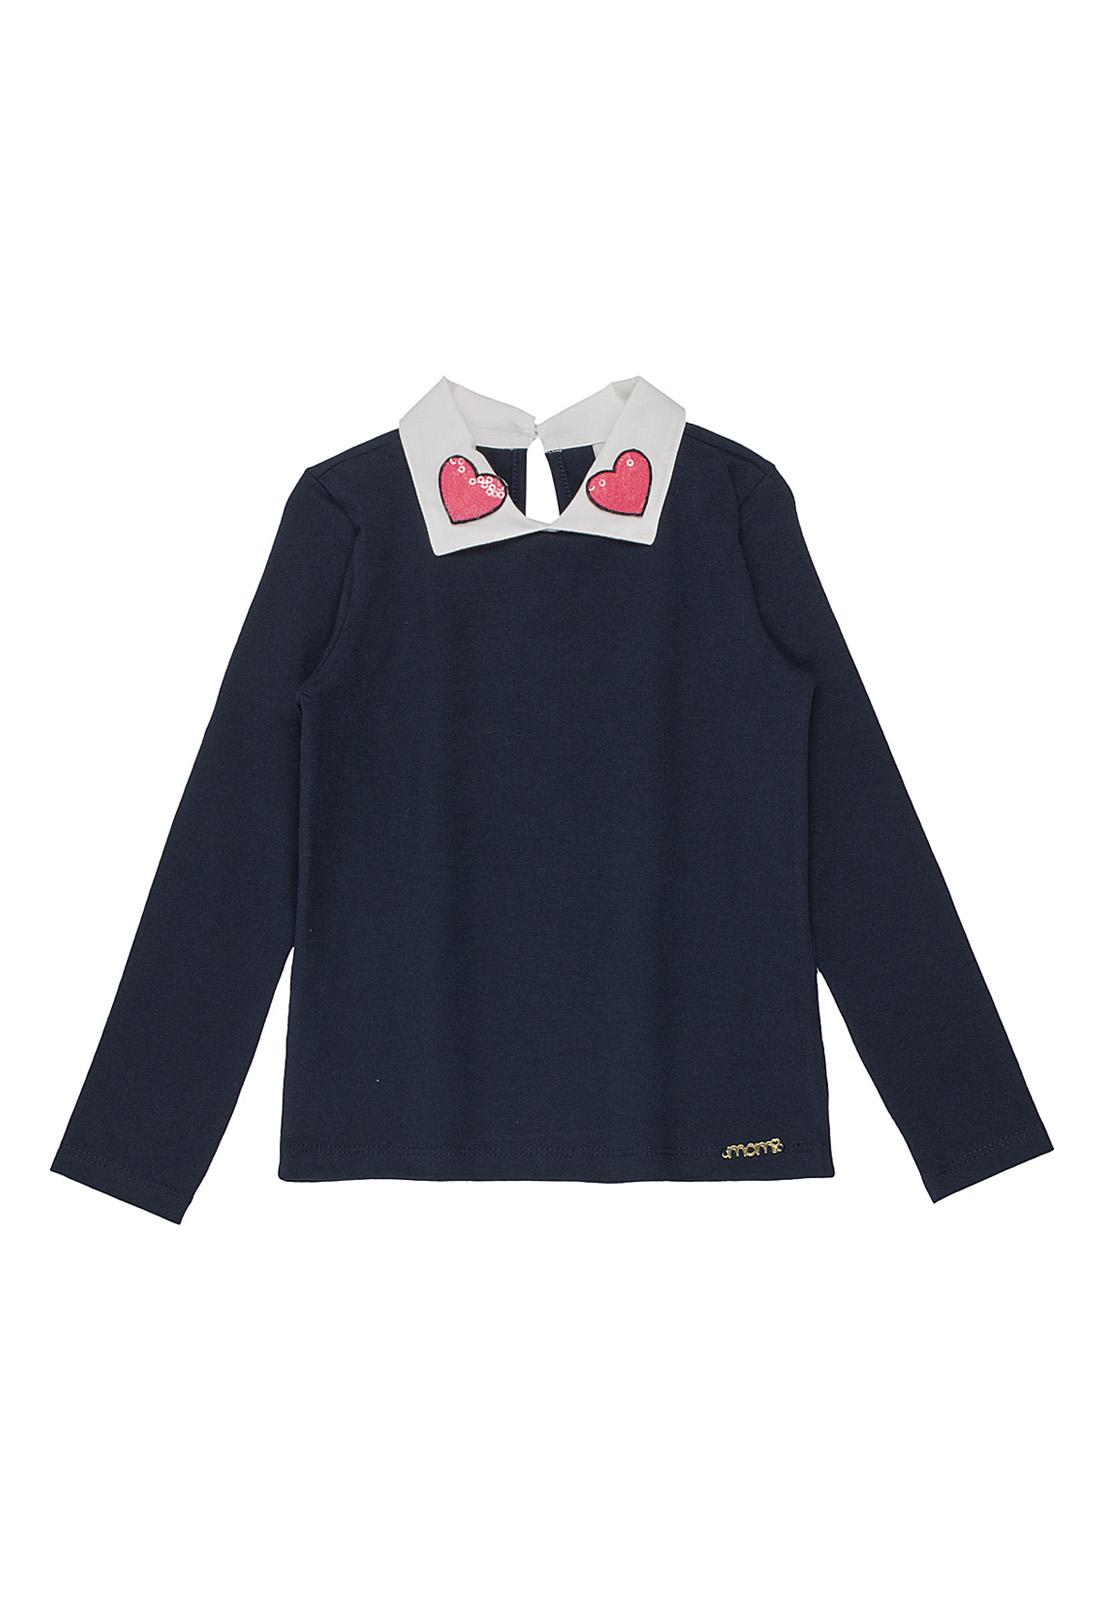 Blusa Infantil Azul Marinho com Gola Branca e corações Neon Momi